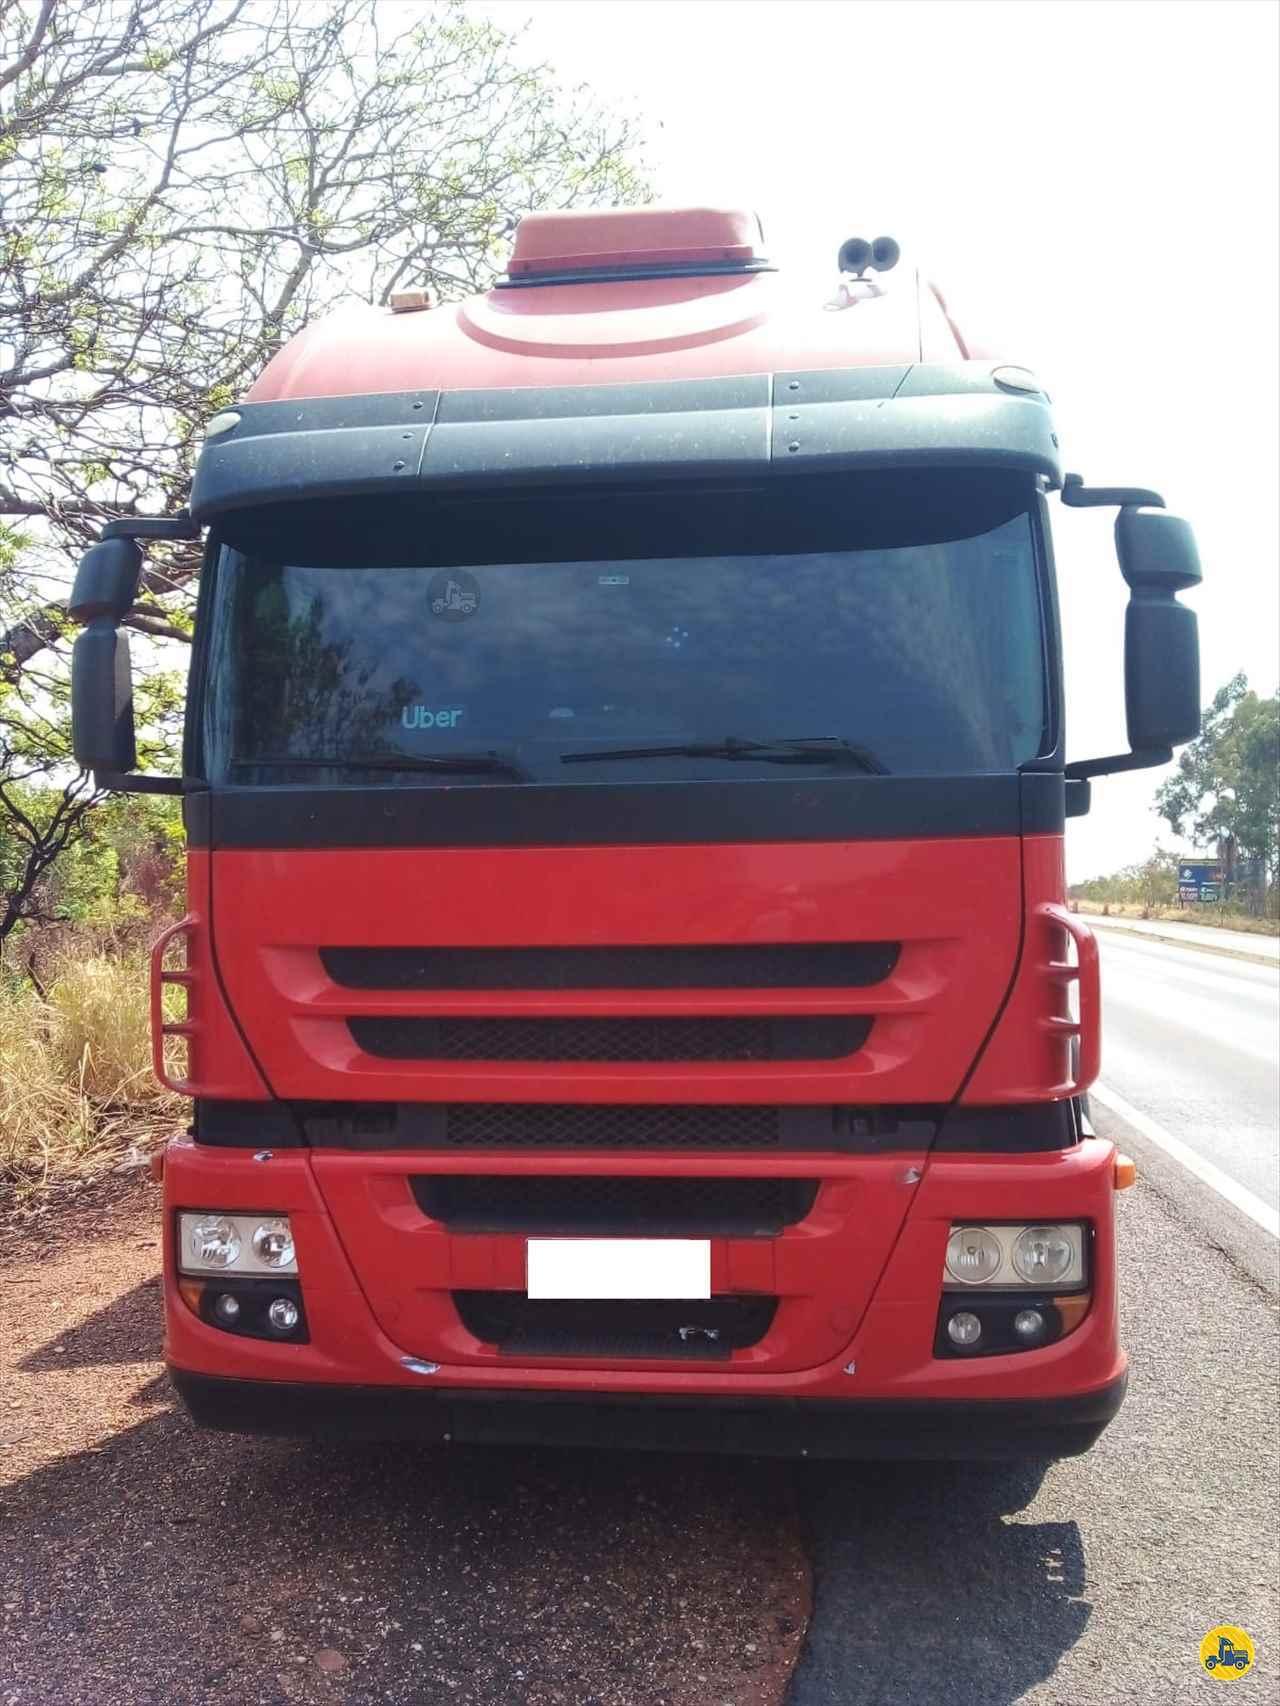 CAMINHAO IVECO STRALIS 410 Cavalo Mecânico Truck 6x2 Transmap Caminhões SANTA ROSA RIO GRANDE DO SUL RS